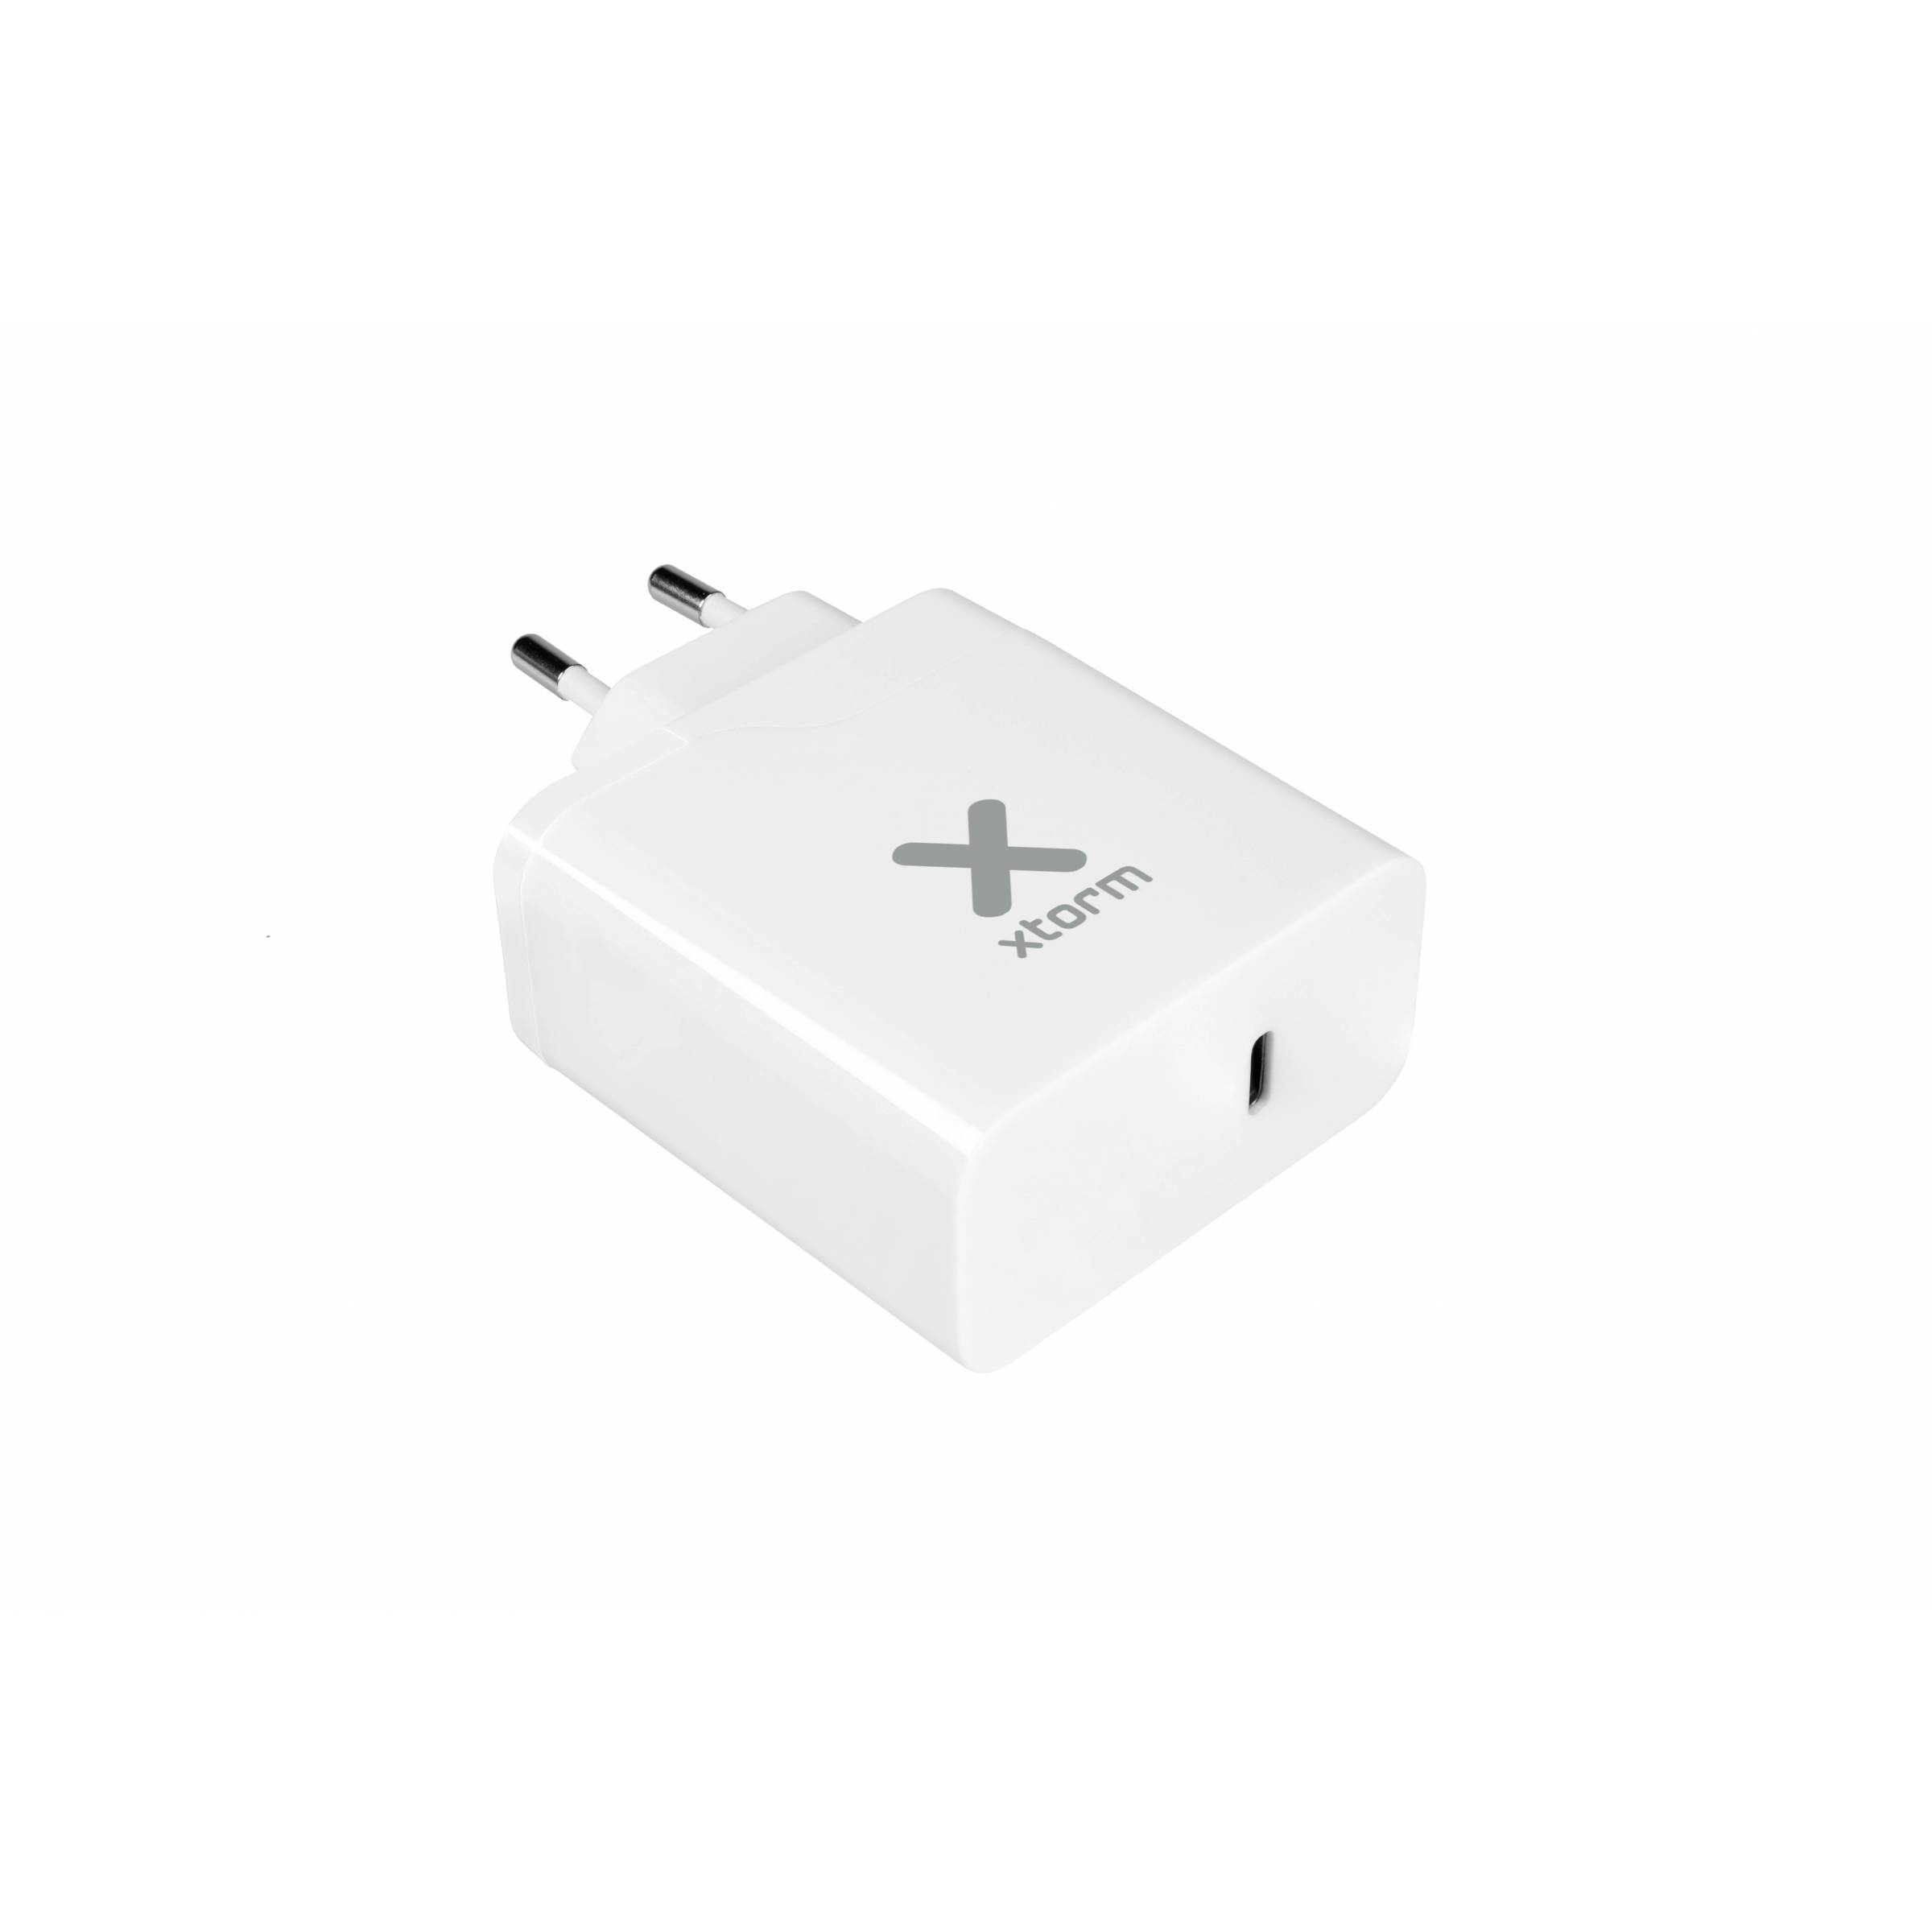 Xtorm usb-c oplader med 29w usb-c pd (iphone qc og macbook) fra xtorm fra mackabler.dk